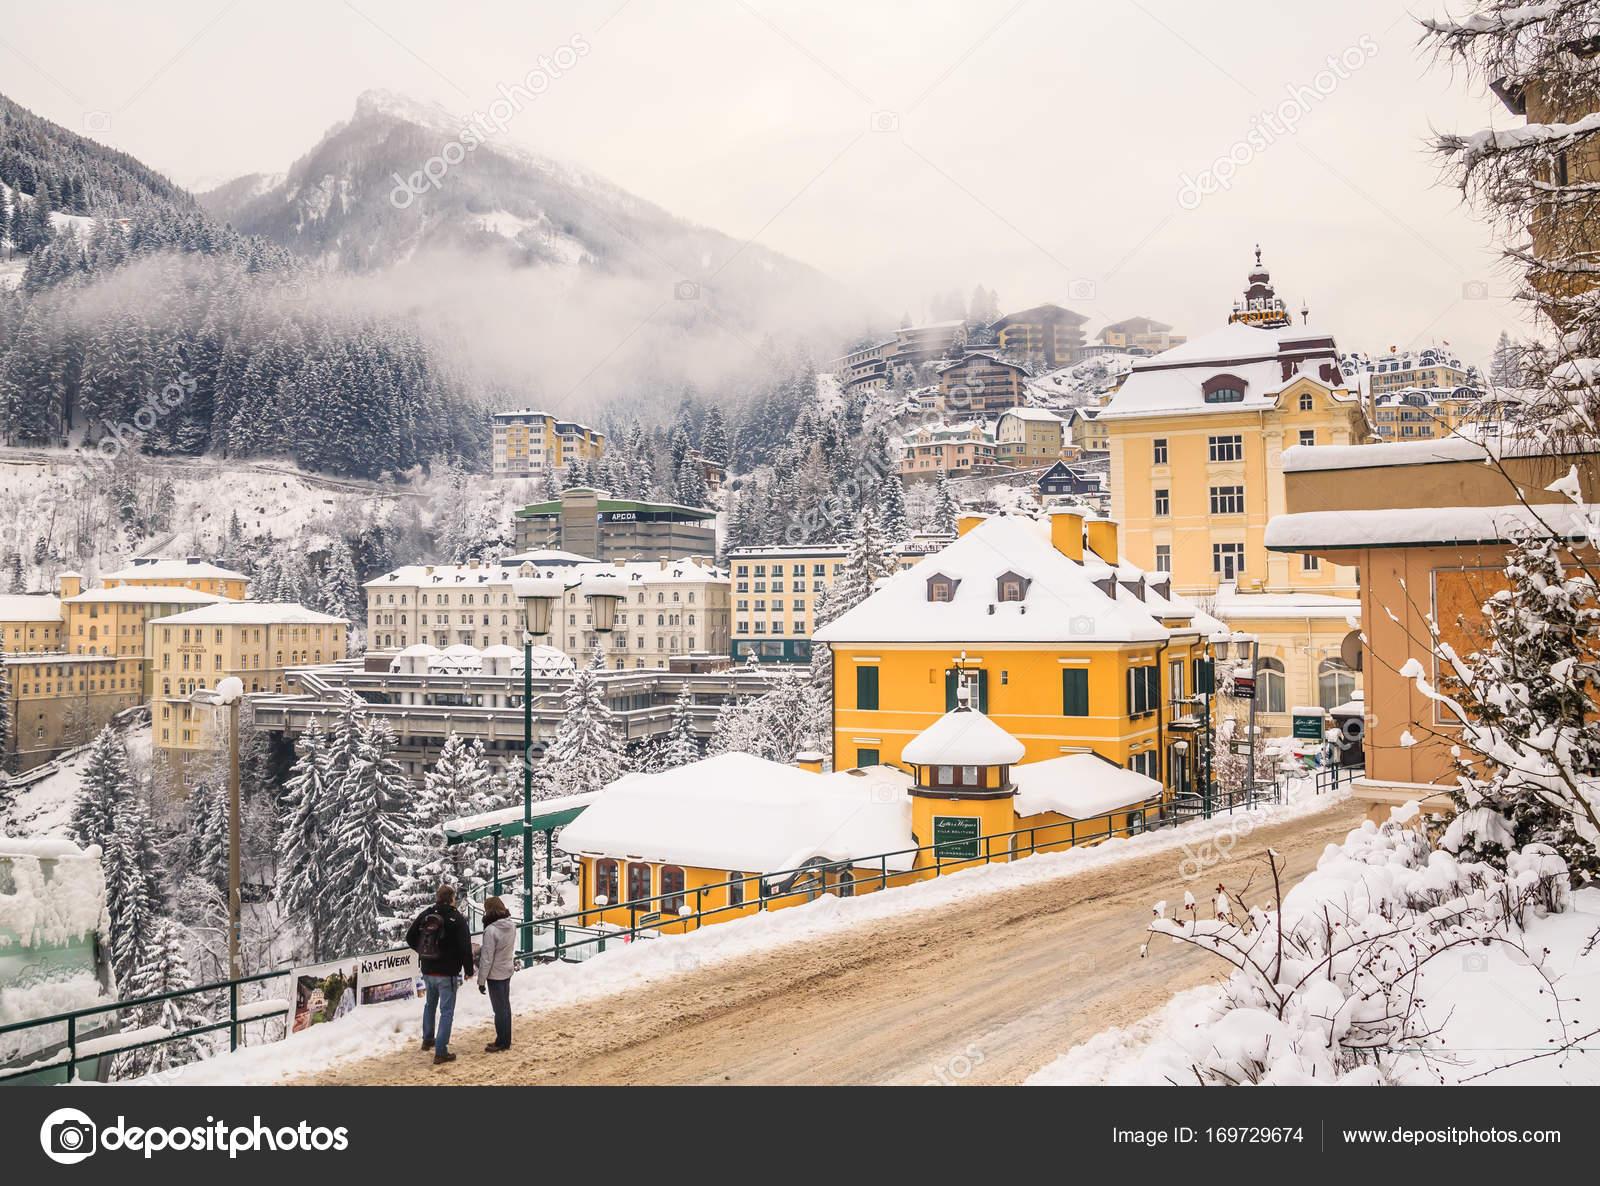 winter in the austrian spa and ski resort bad gastein, austria